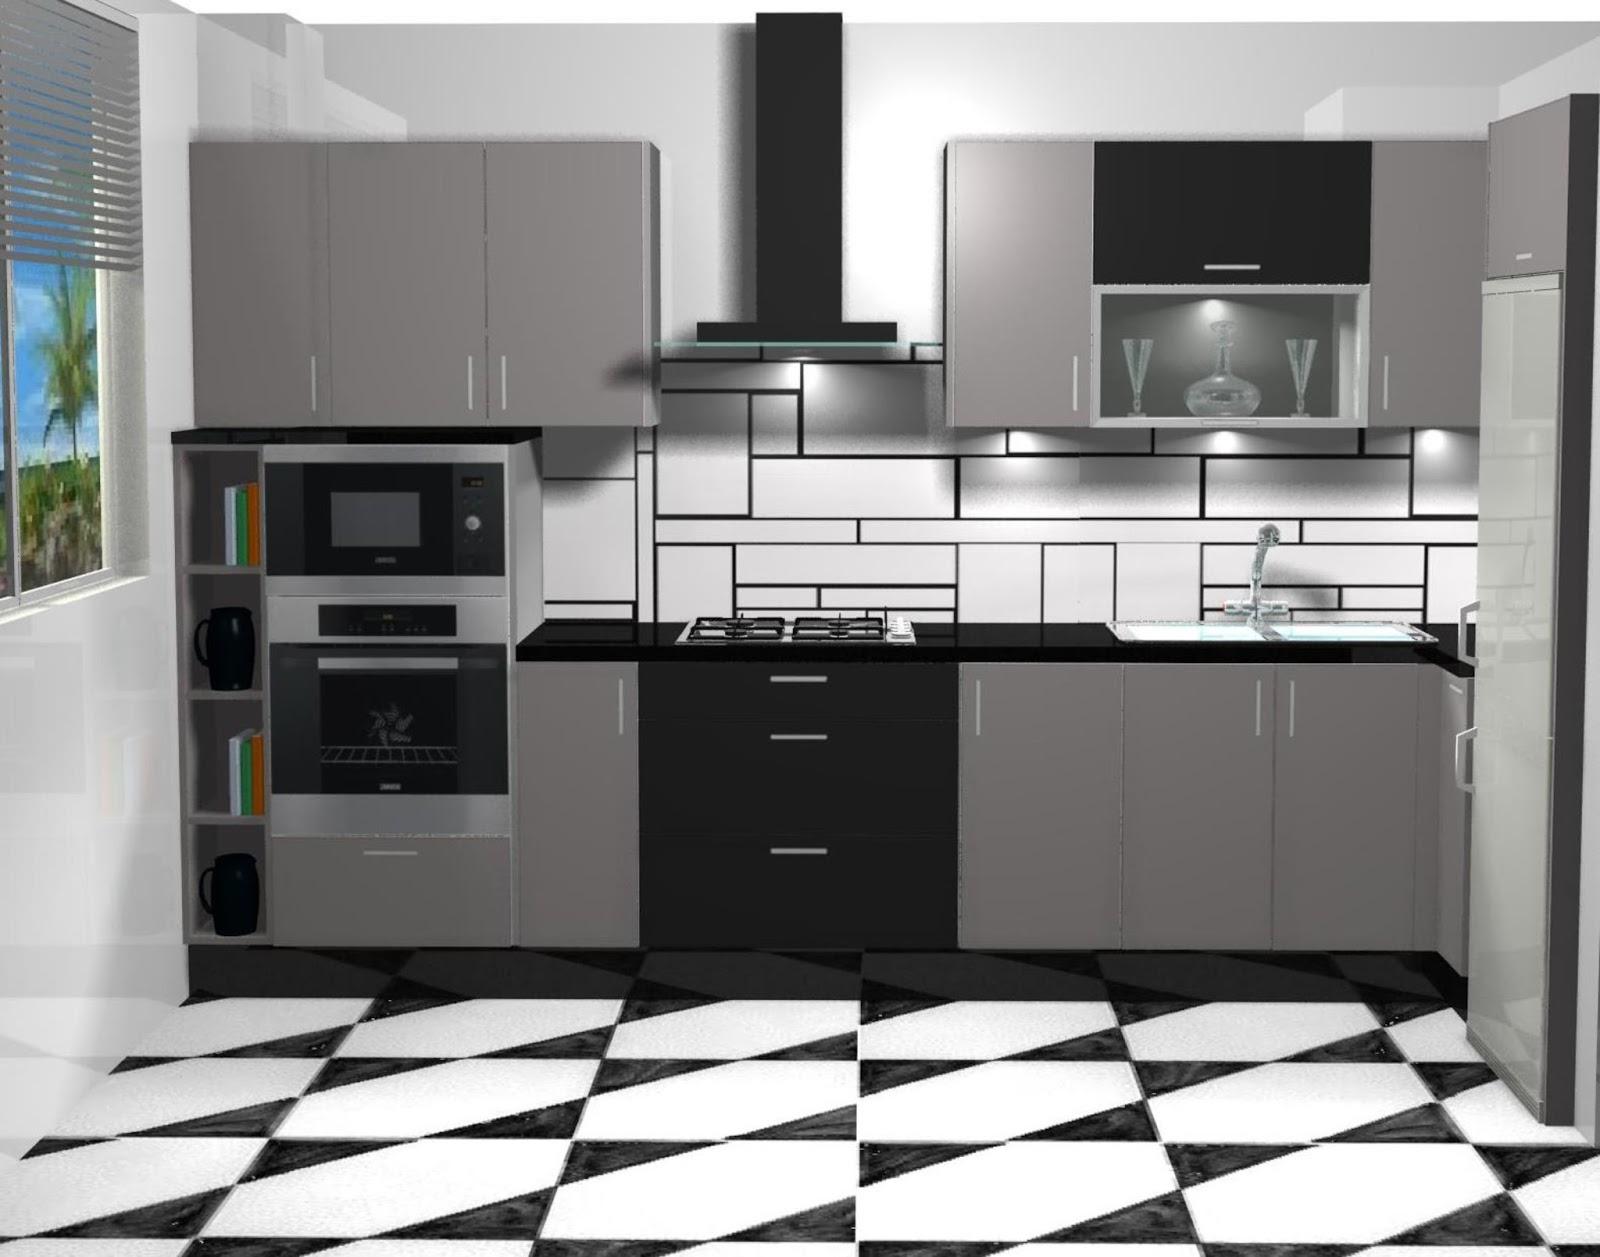 dise o de cocina en alto brillo gris y negro On cocinas en negro y gris